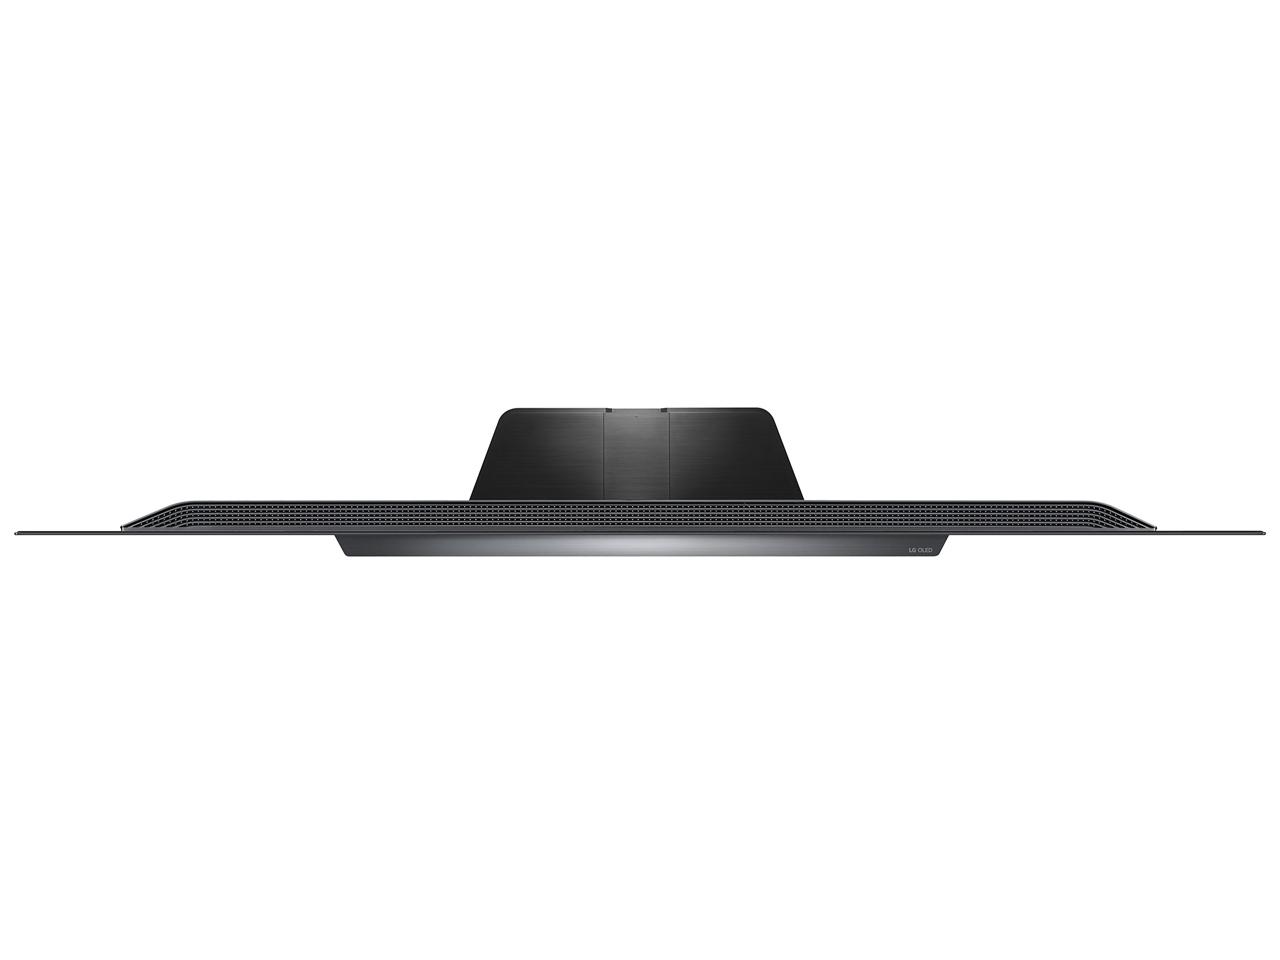 『本体 上面』 OLED55C9PJA [55インチ] の製品画像